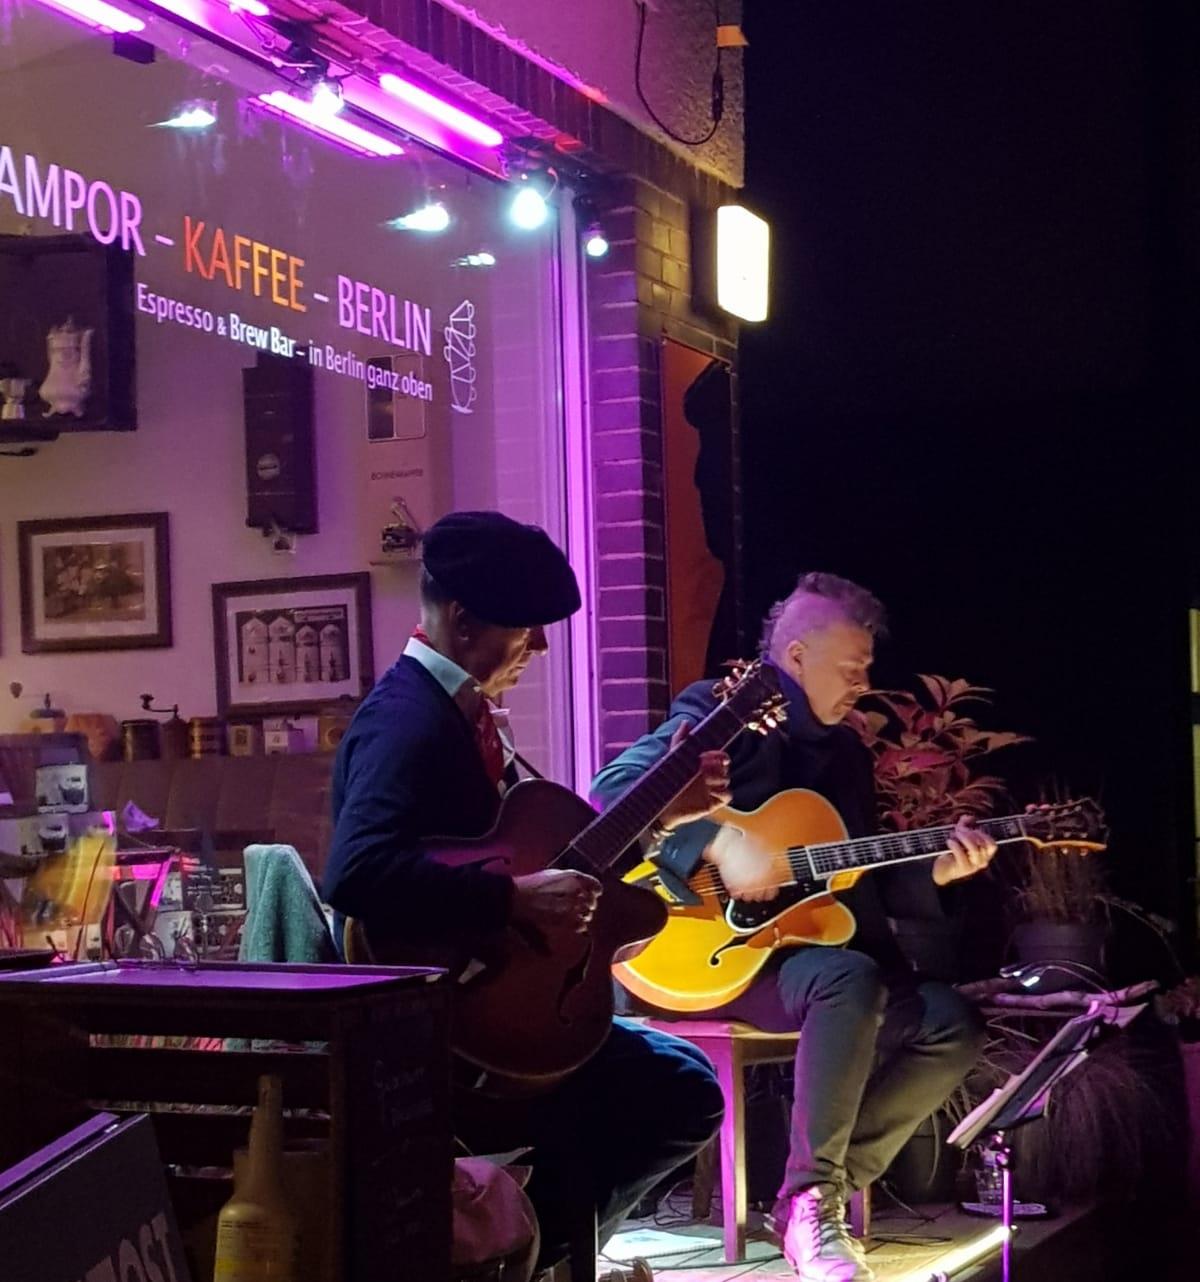 Gitarresque auf der SAMPOR-KAFFEE-BERLIN - Live in Heiligensee